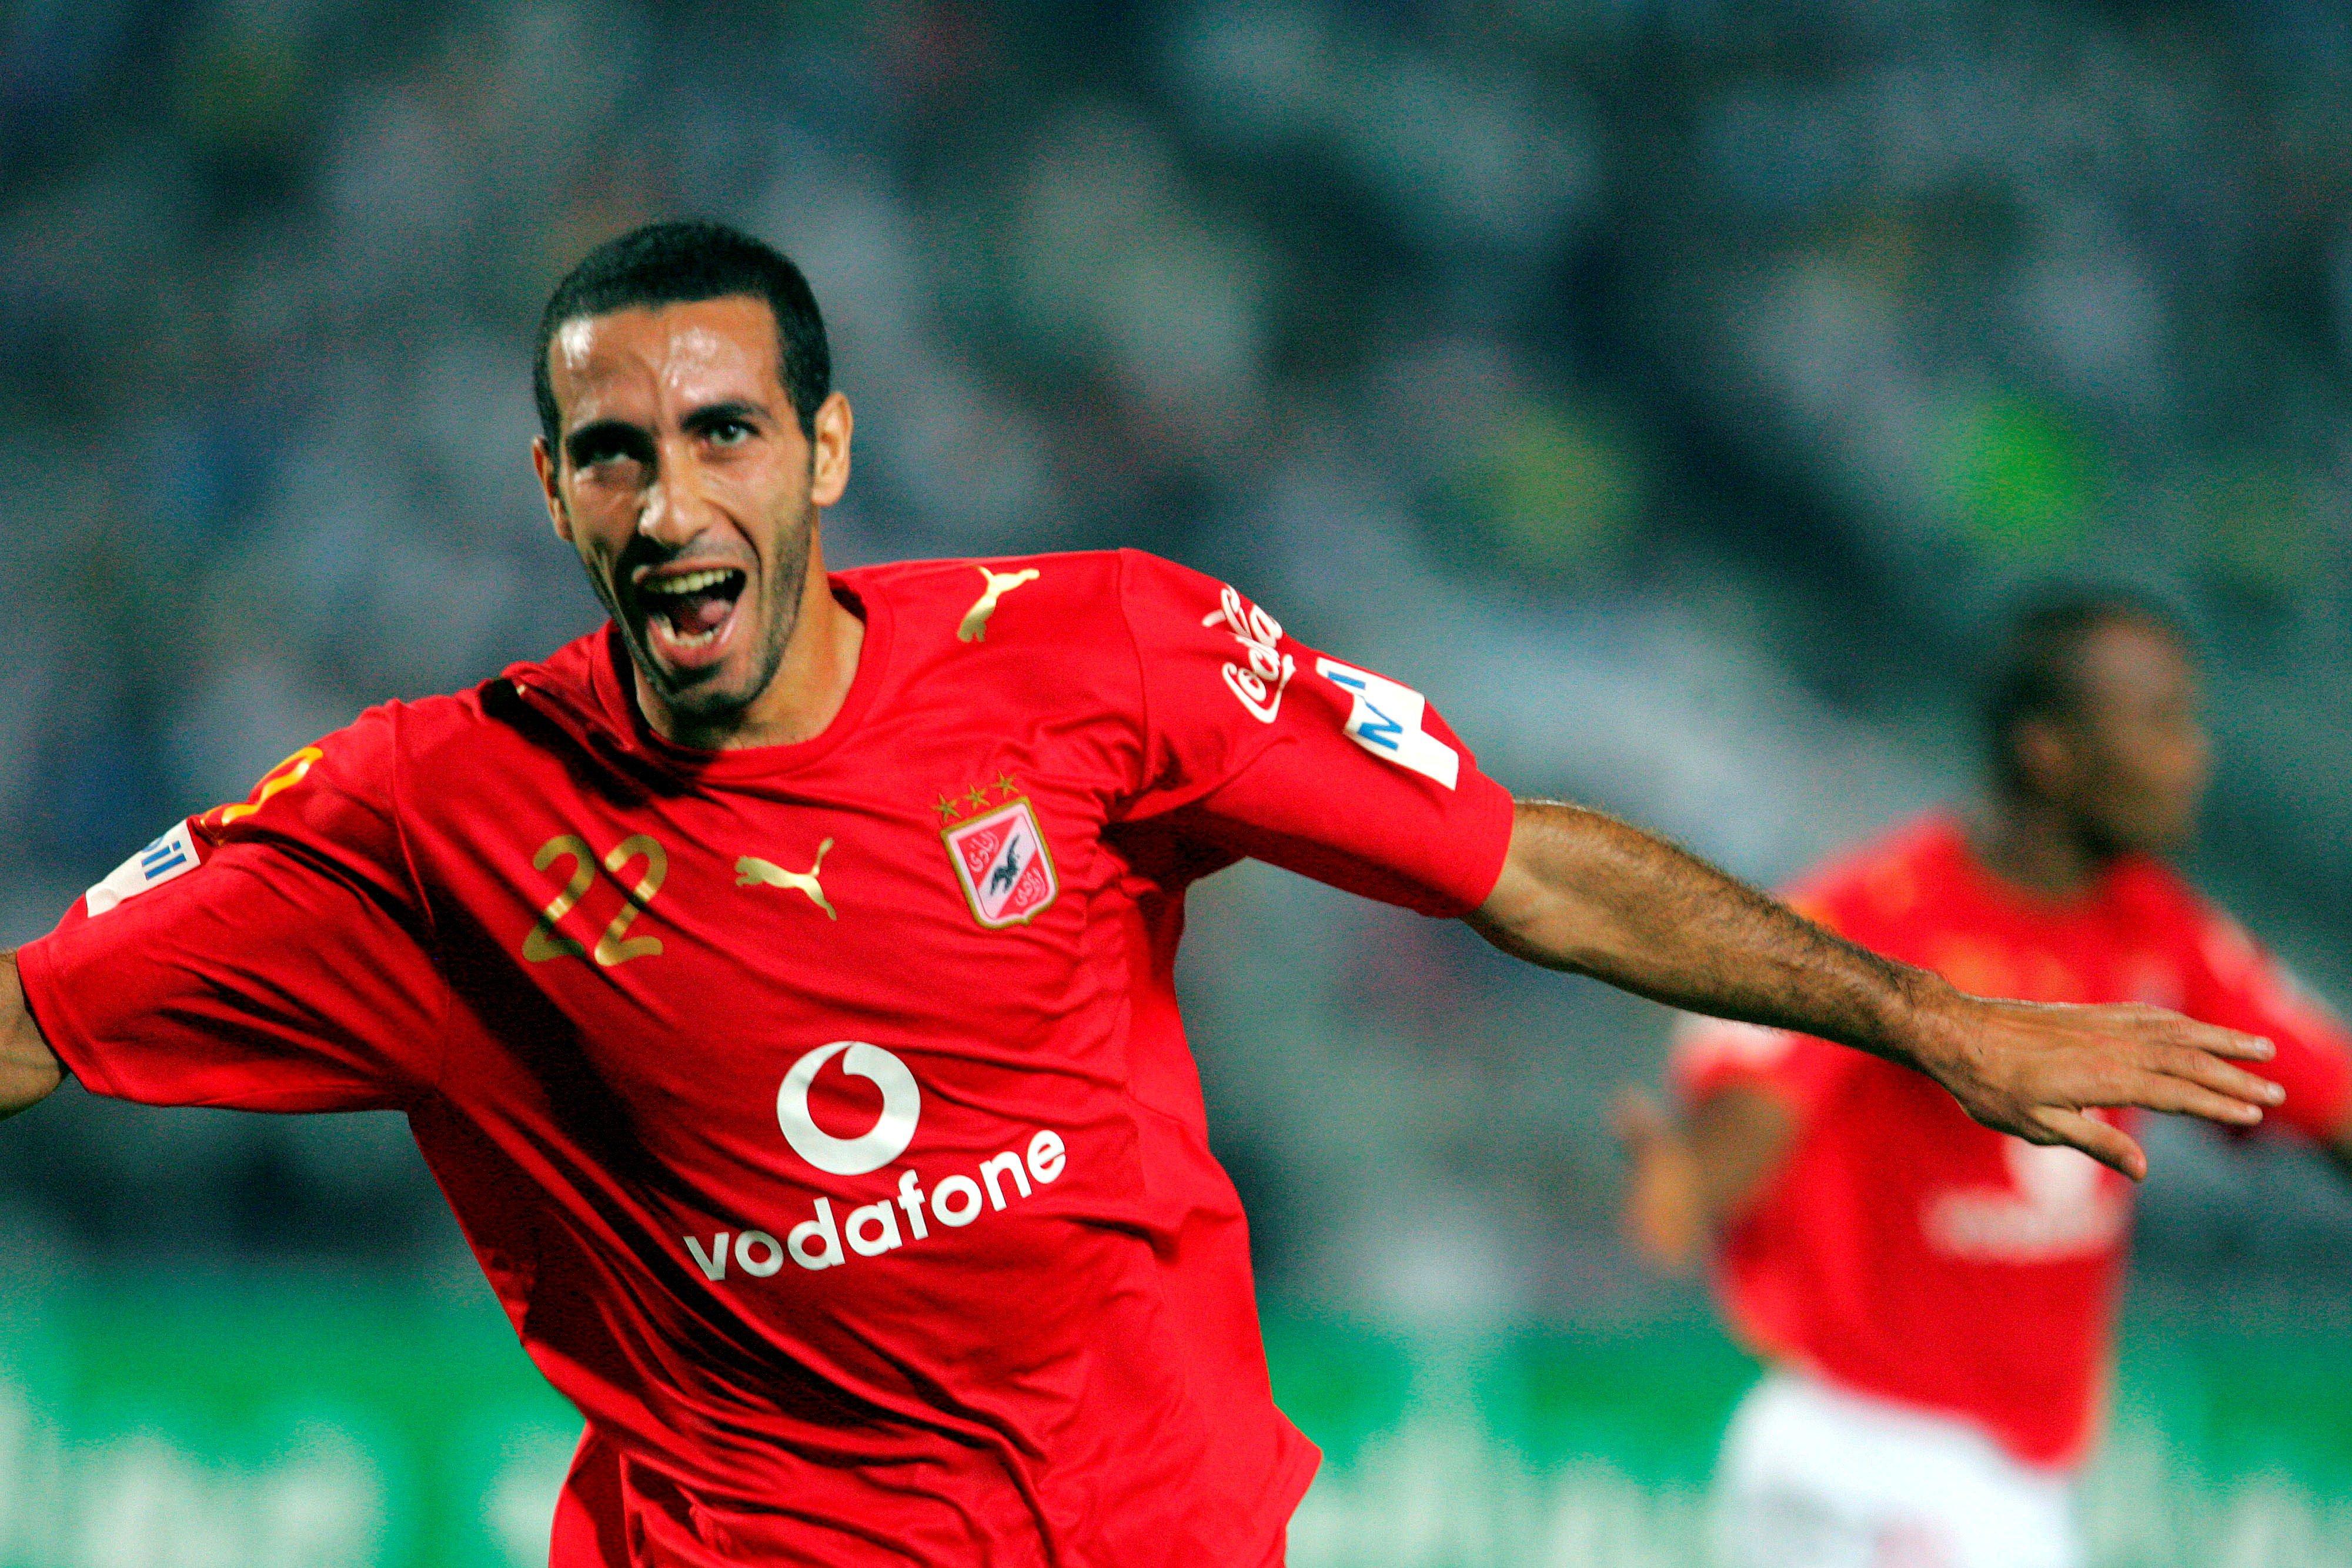 «الفيفا» يعلن محمد أبو تريكة أفضل لاعب مصري في التاريخ